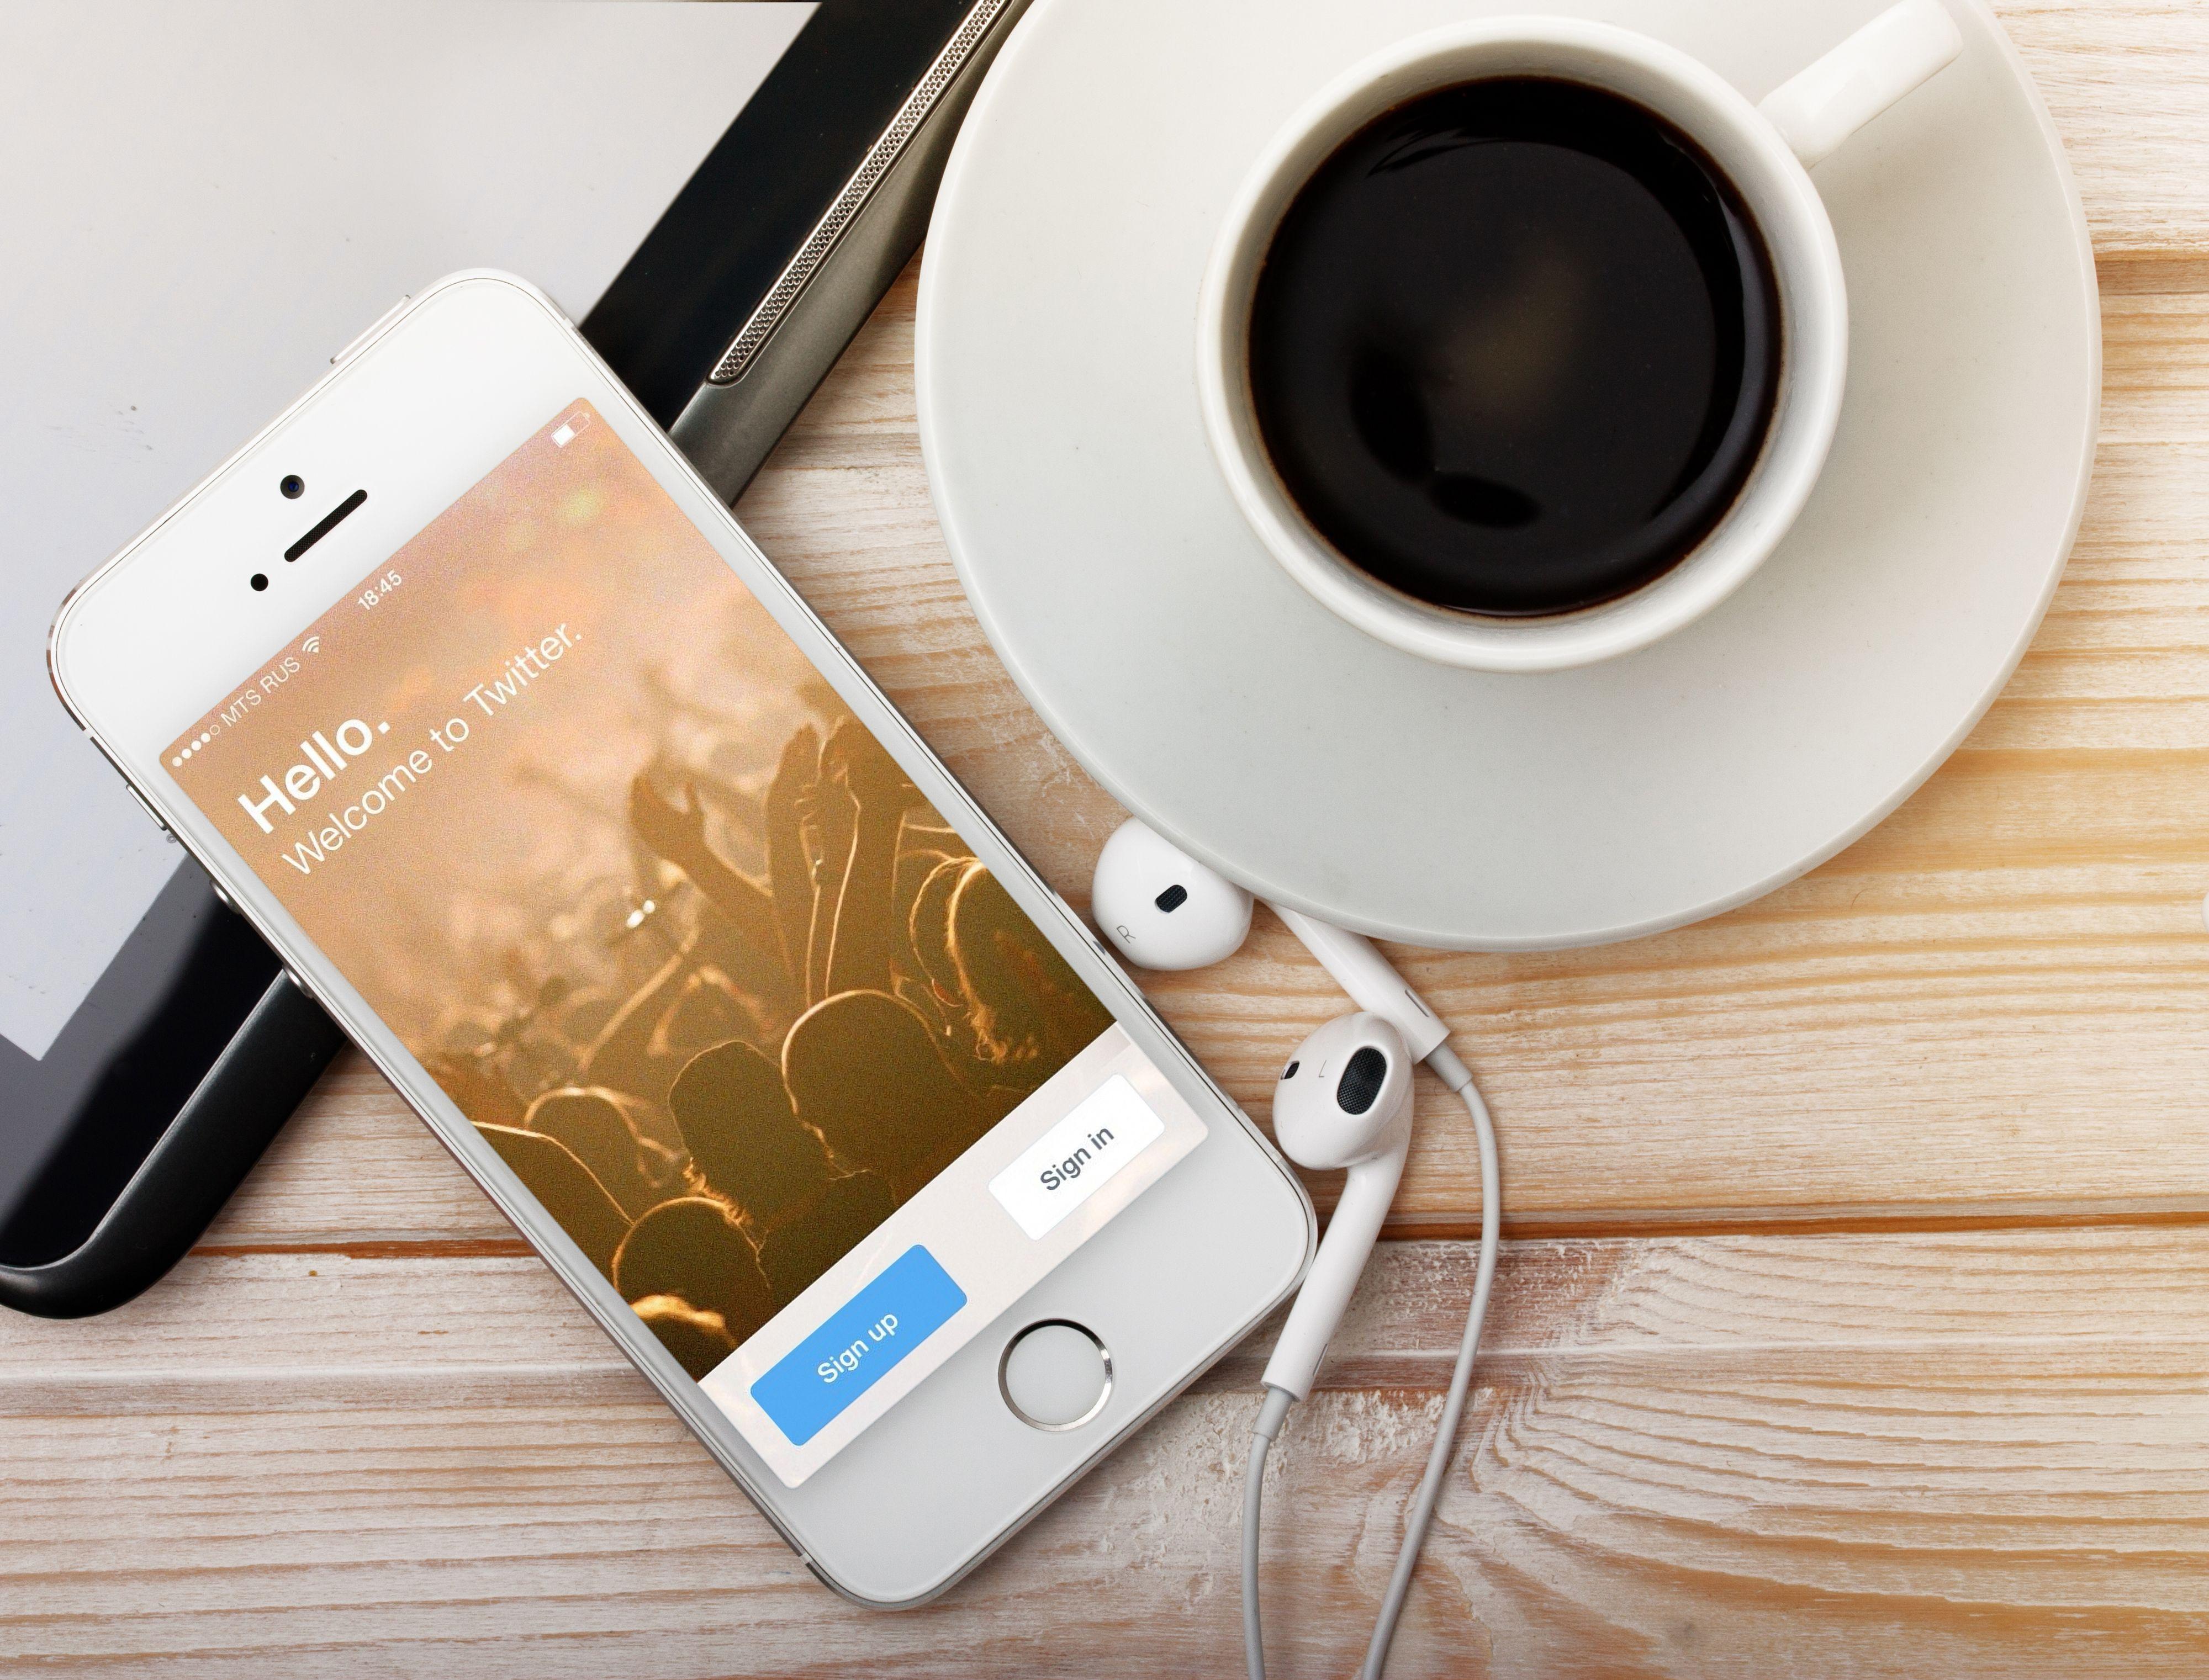 Vi regnet med at Apple ville tape ytterligere markedsandeler i 2014. Det ser det ikke ut til at selskapet har gjort.Foto: Valentina Razumova / Shutterstock.com